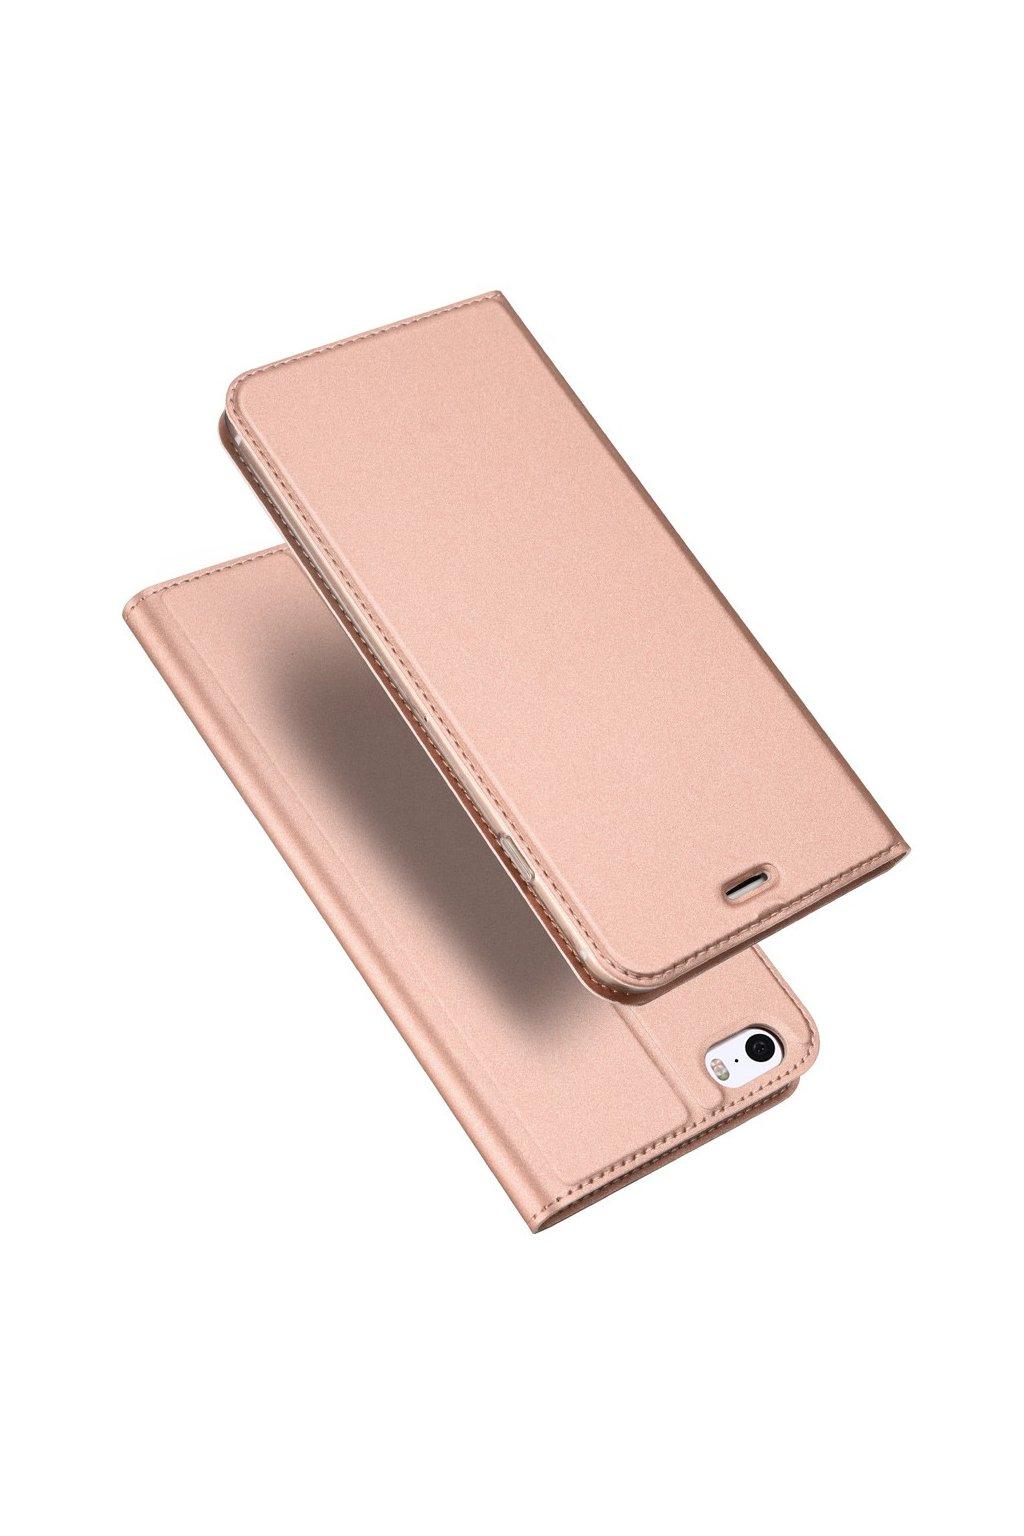 Flipový kryt Dux Ducis, iPhone SE/5s/5, růžově zlatý